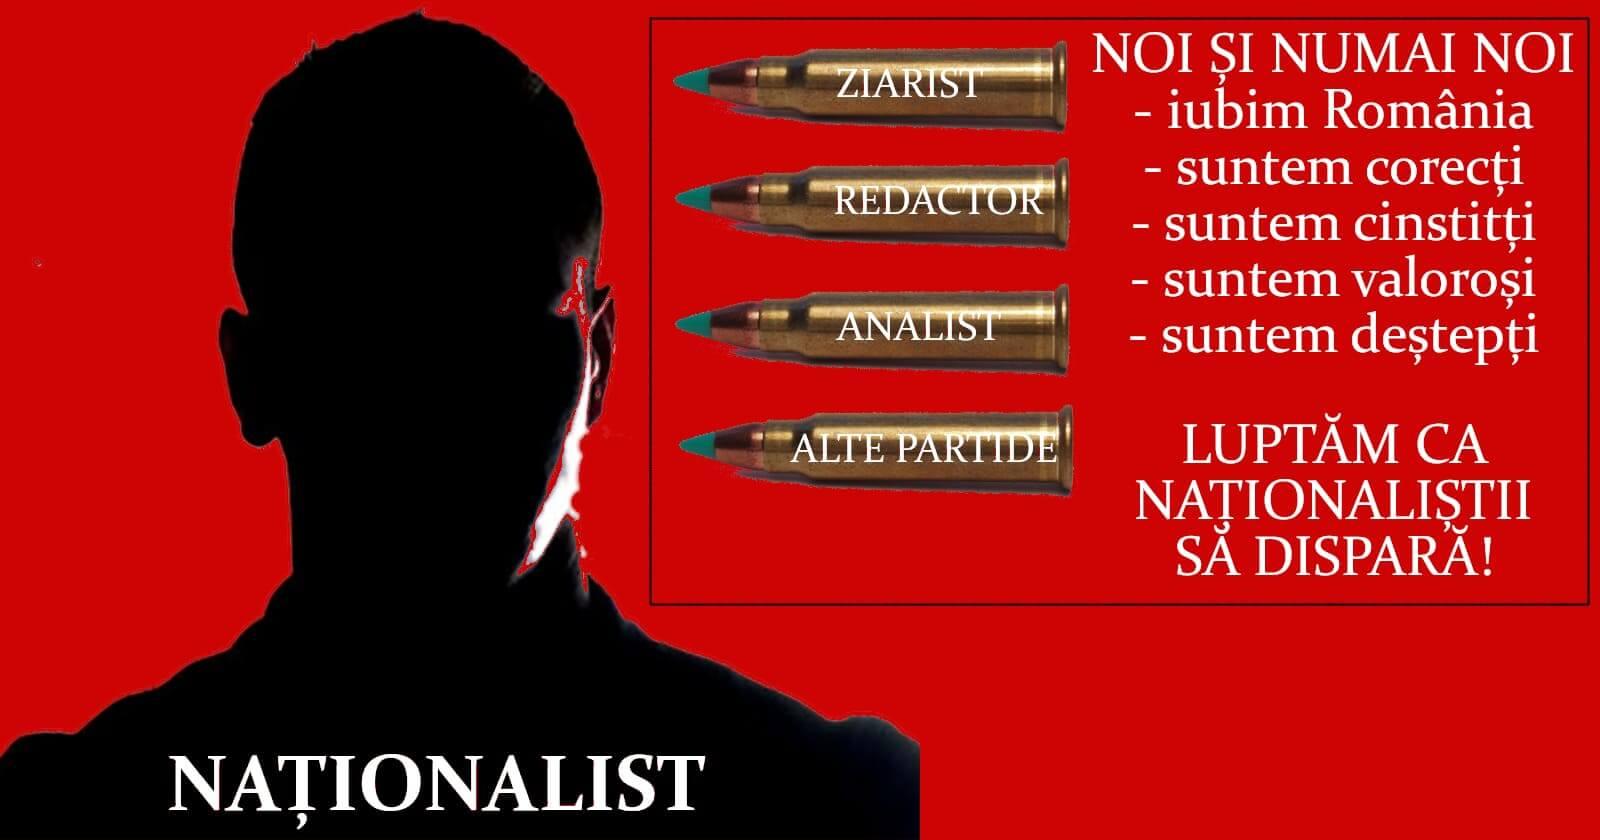 Naționalismul înseamnă echilibru